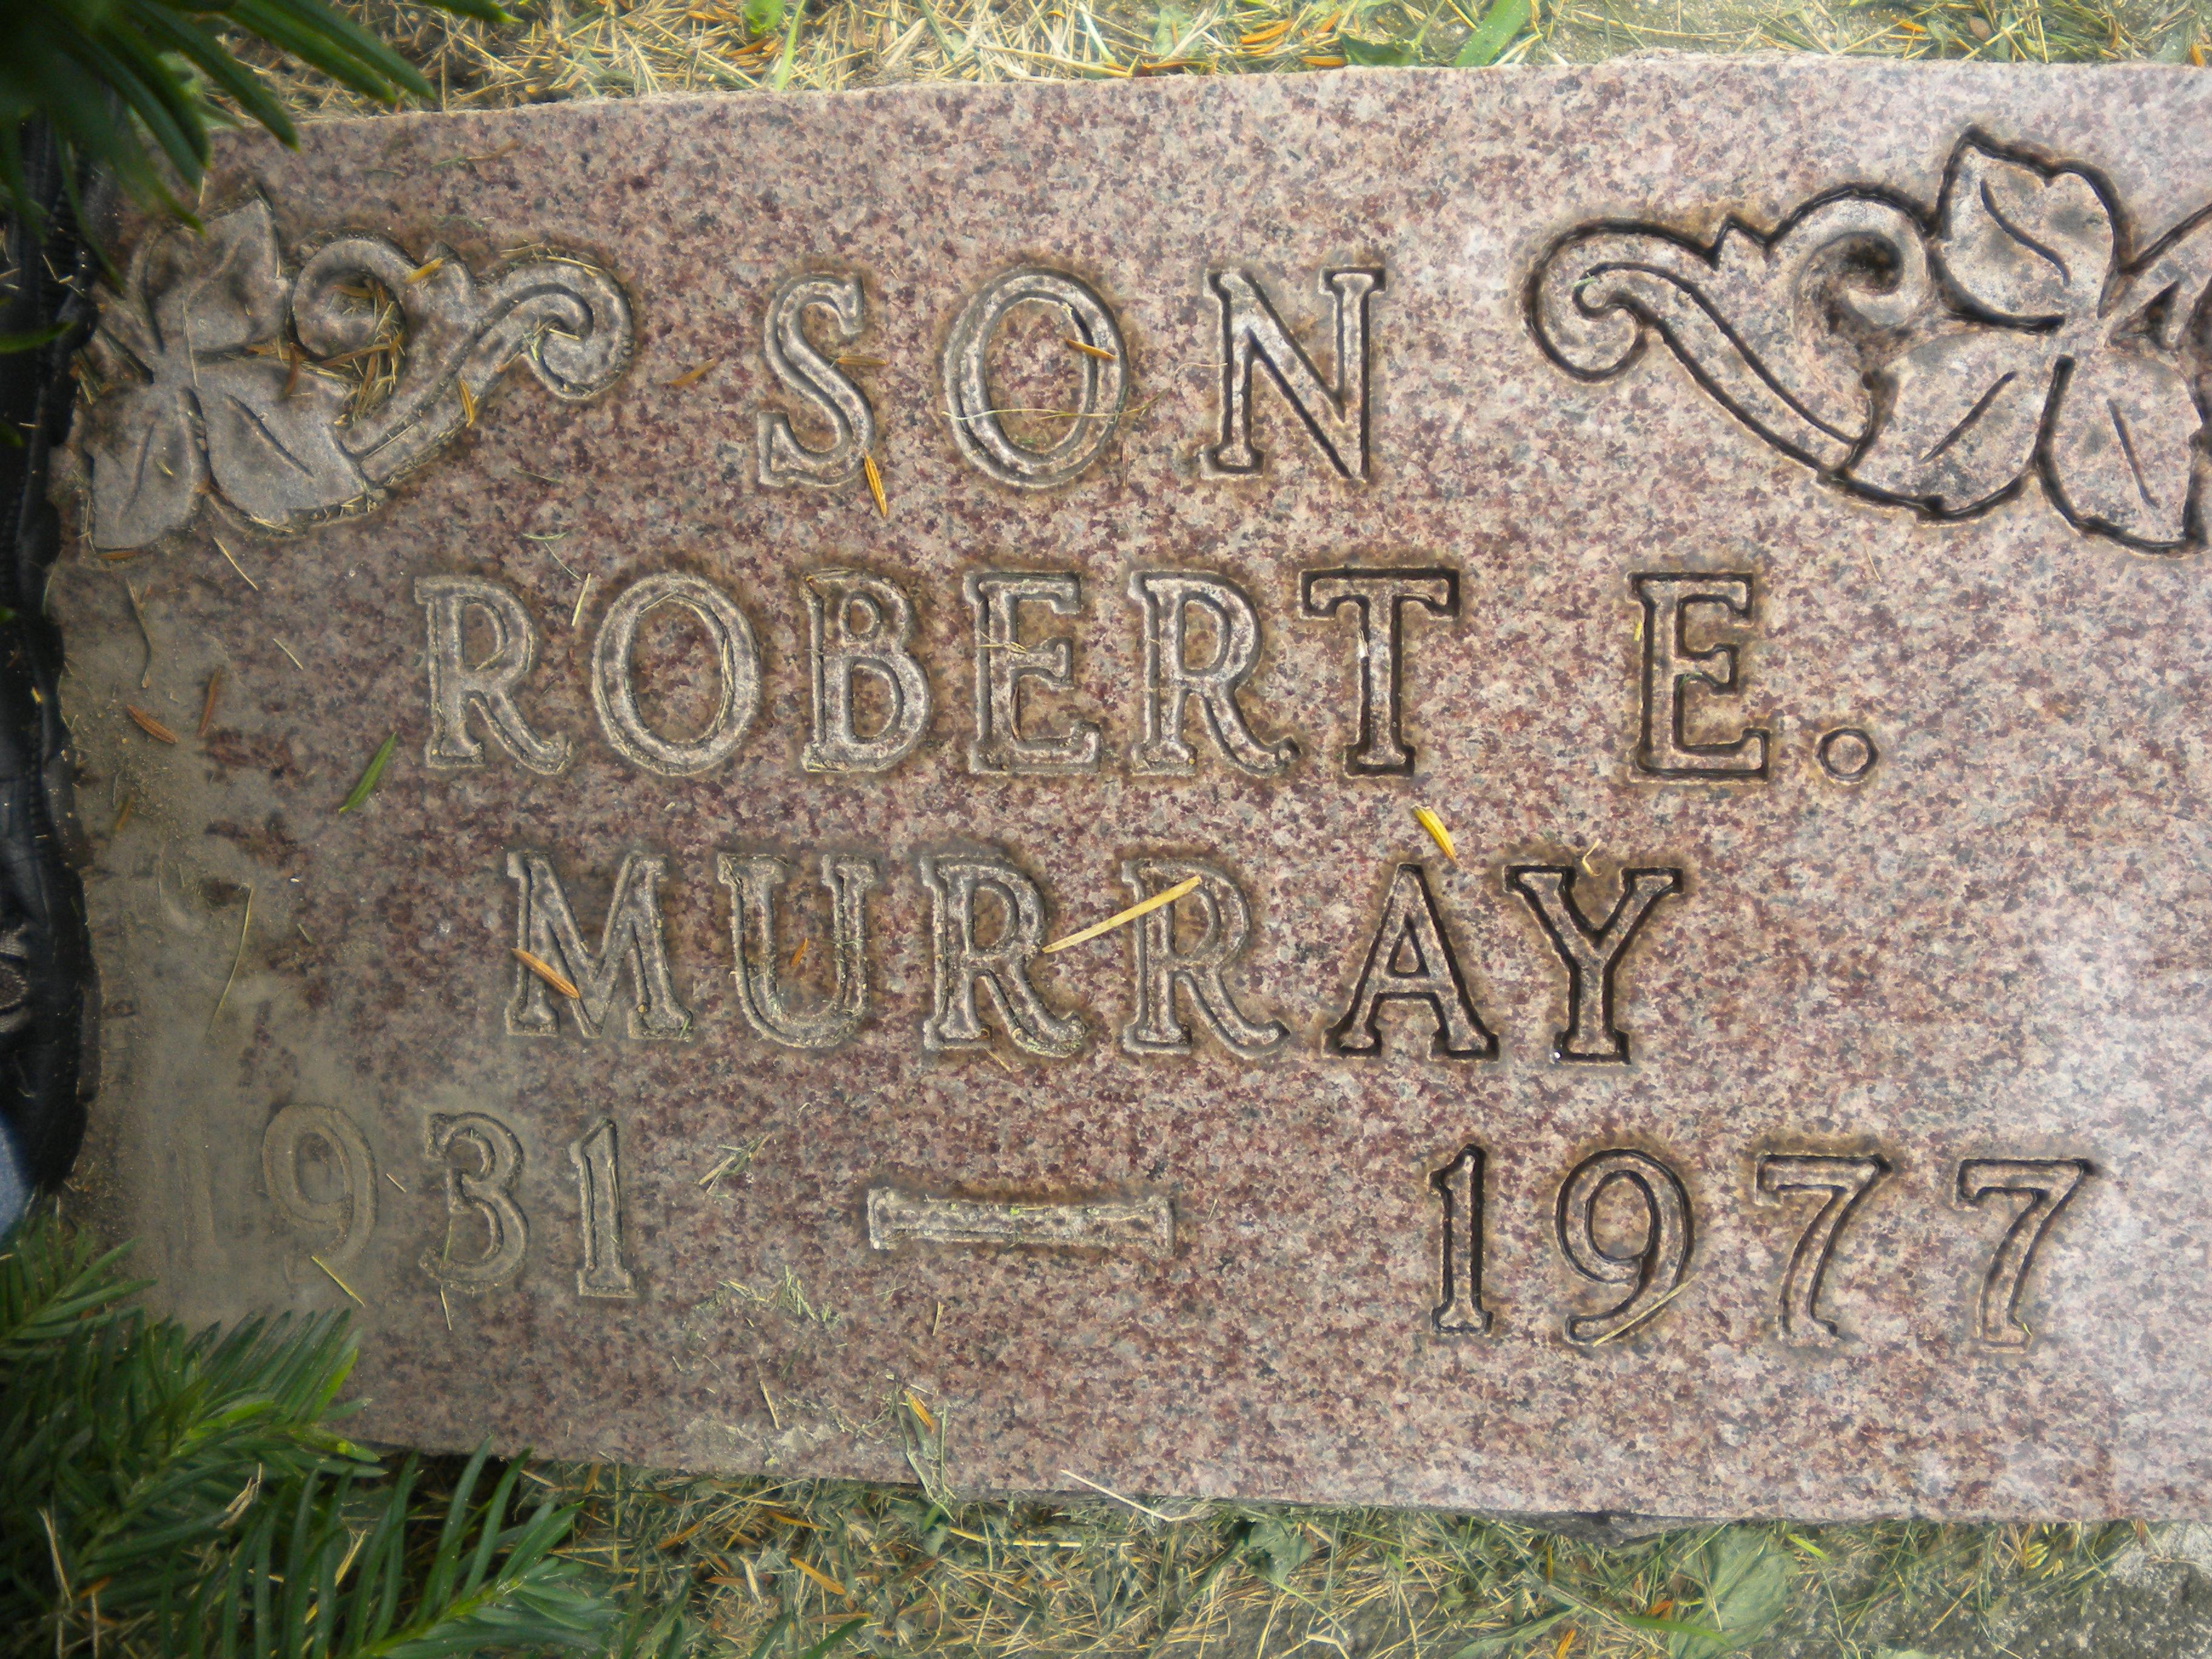 Robert Edward Murray